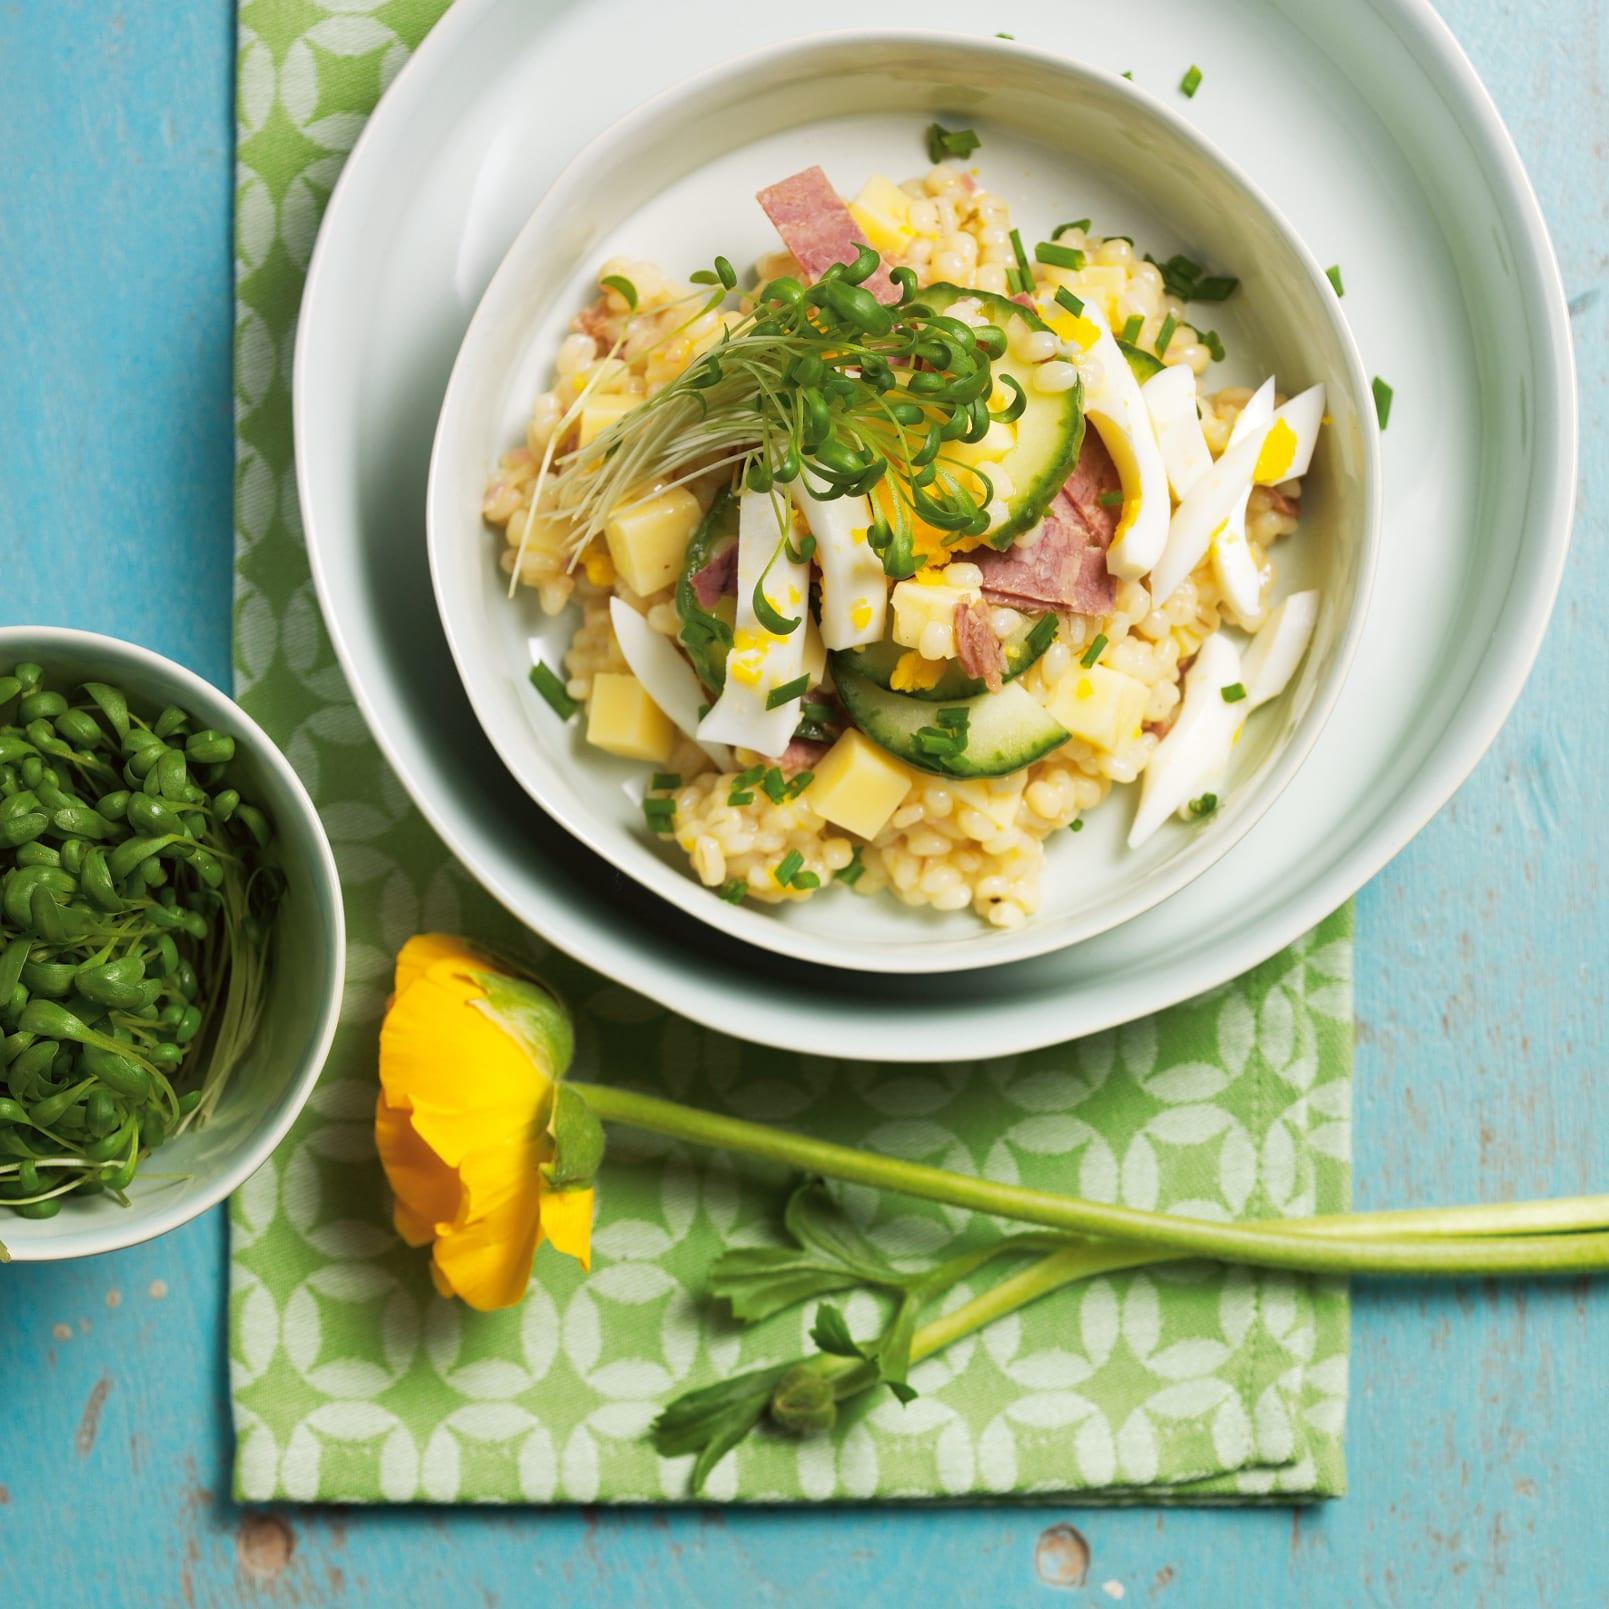 Salade d'orge et duo de tilsit